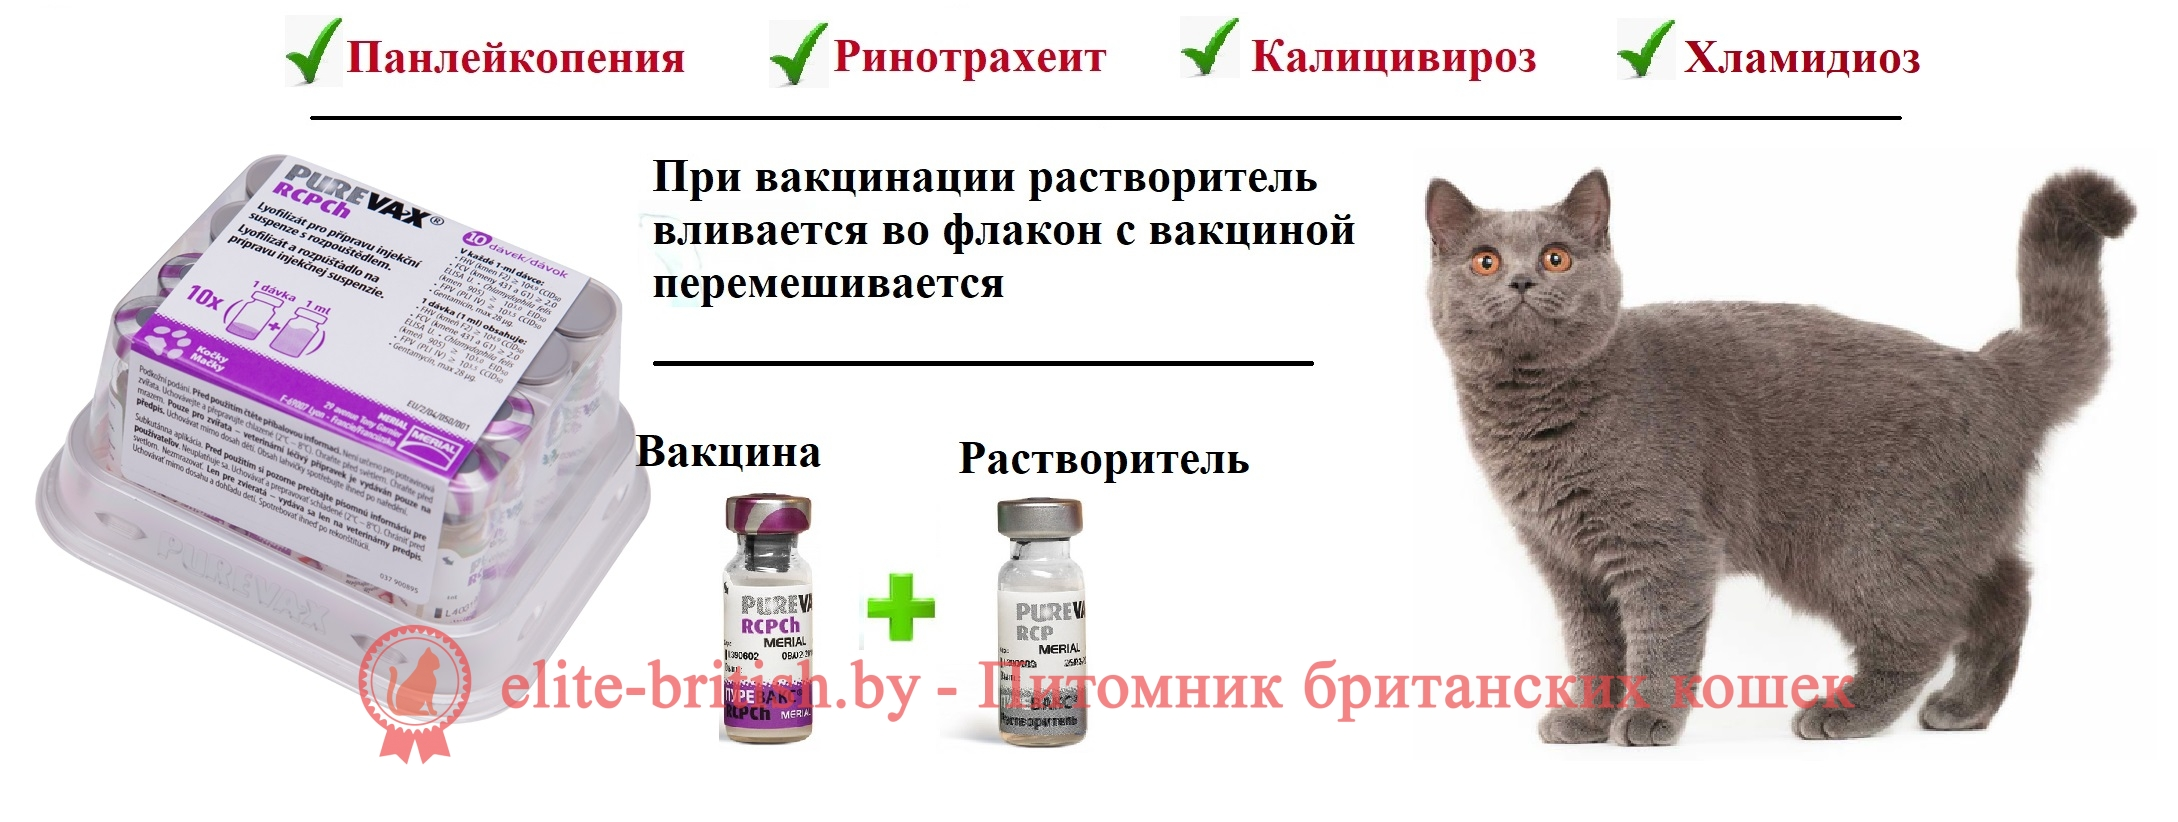 Вакцинация кошек: как правильно прививать питомца